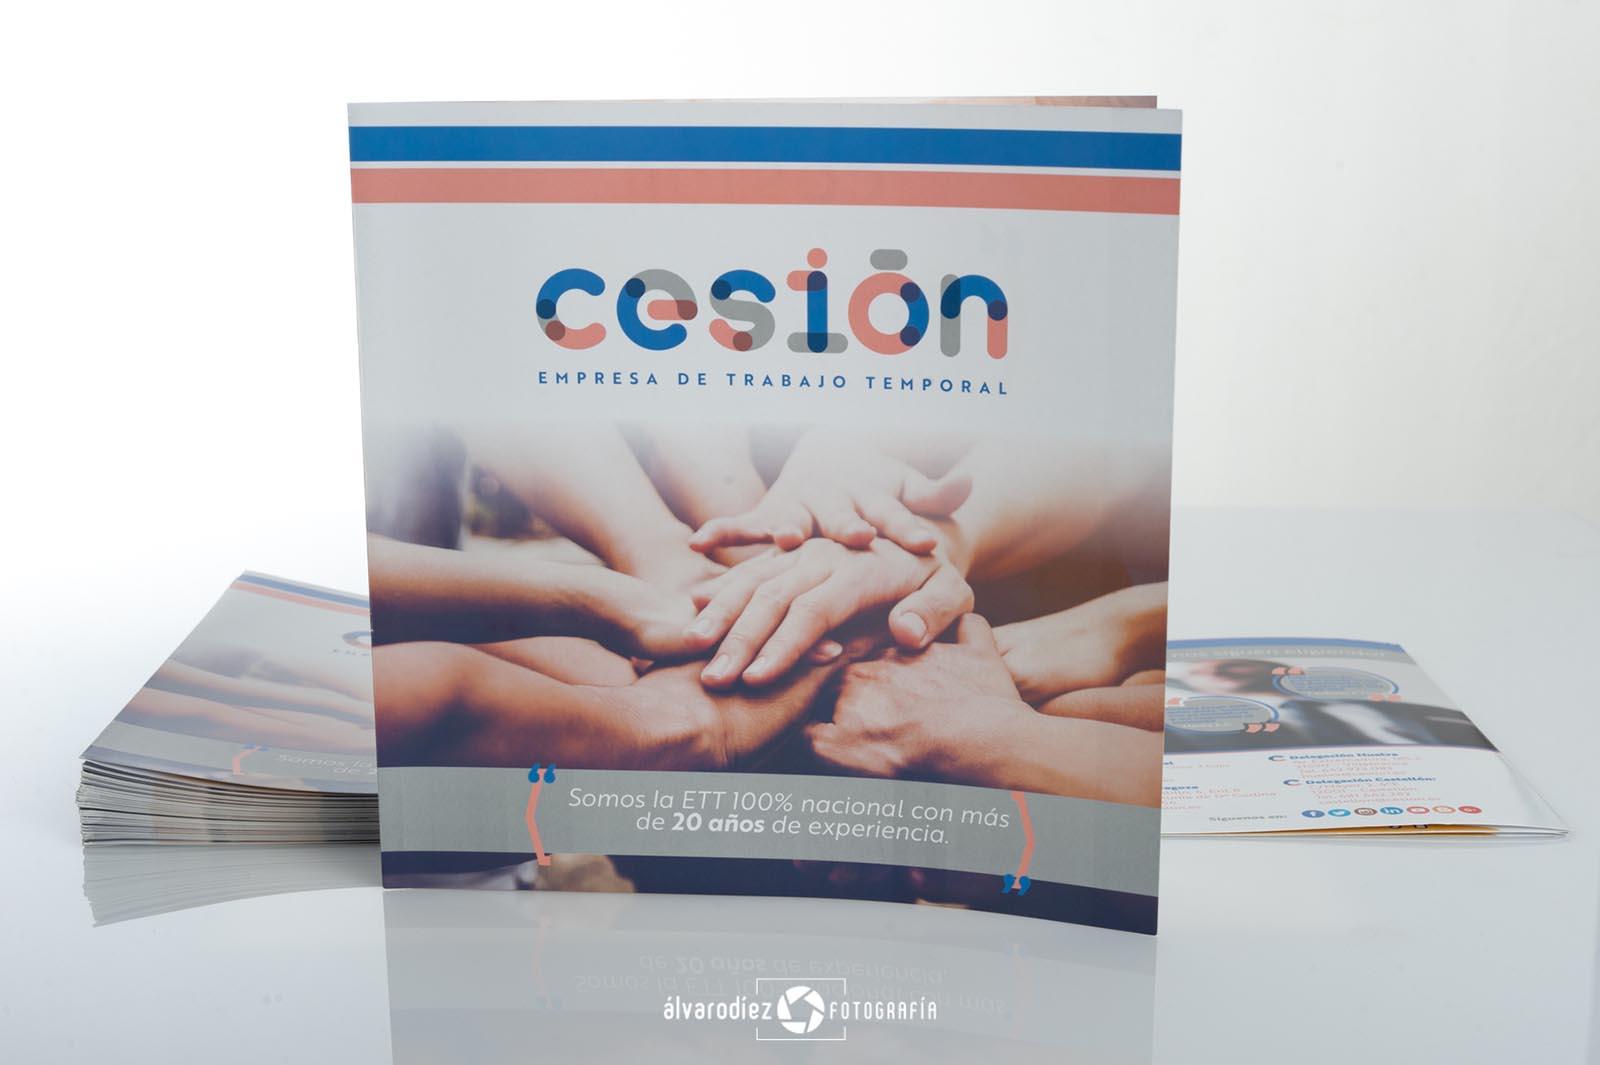 Díptico publicitario Cesion